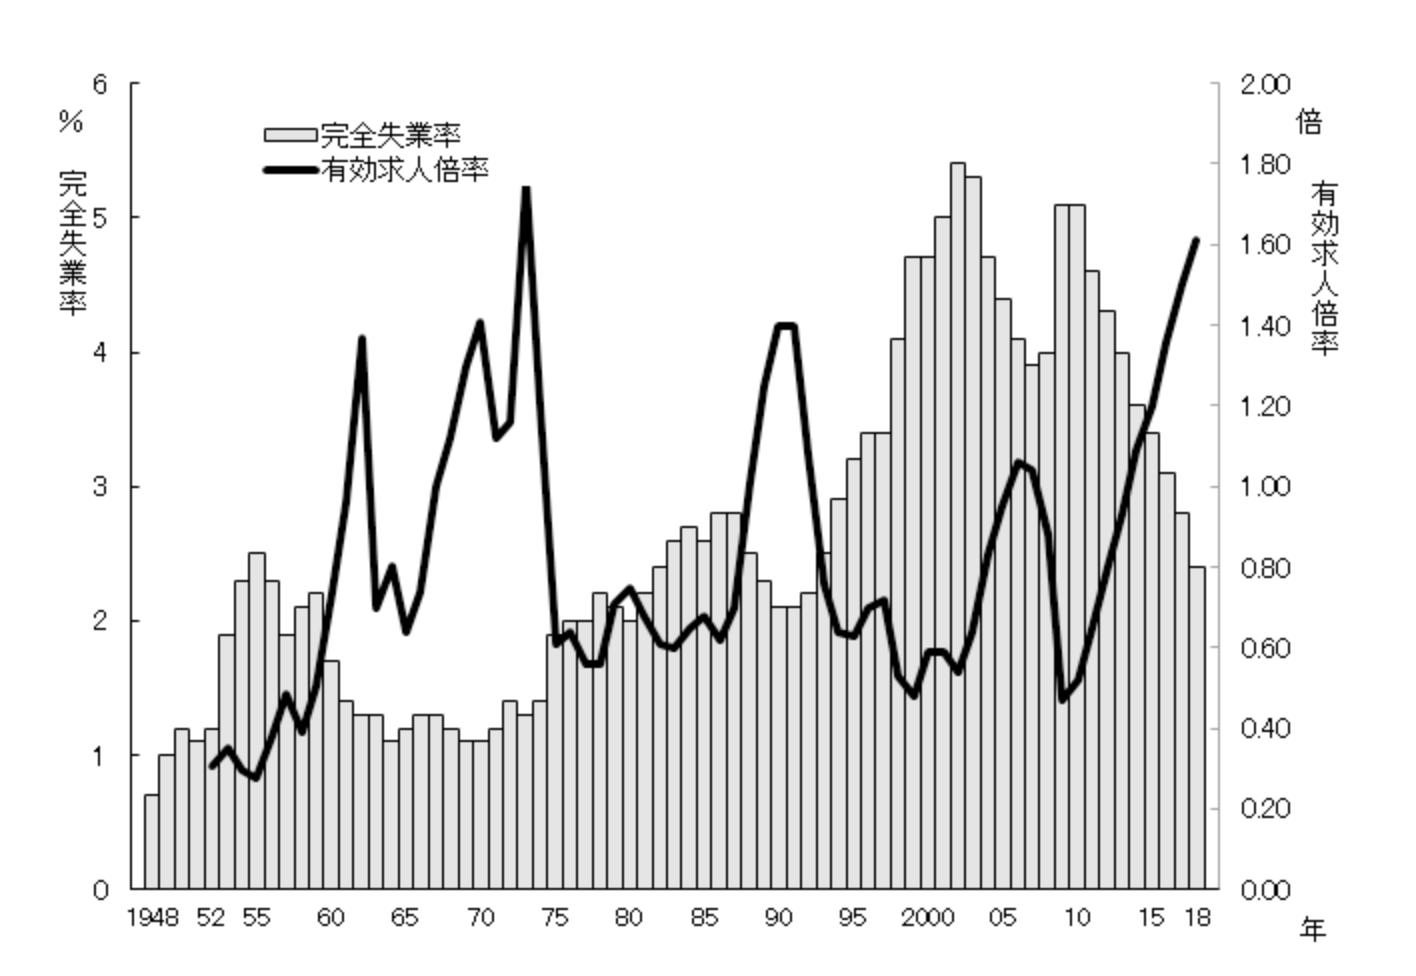 完全失業率、有効求人倍率 1948年~2018年 年平均